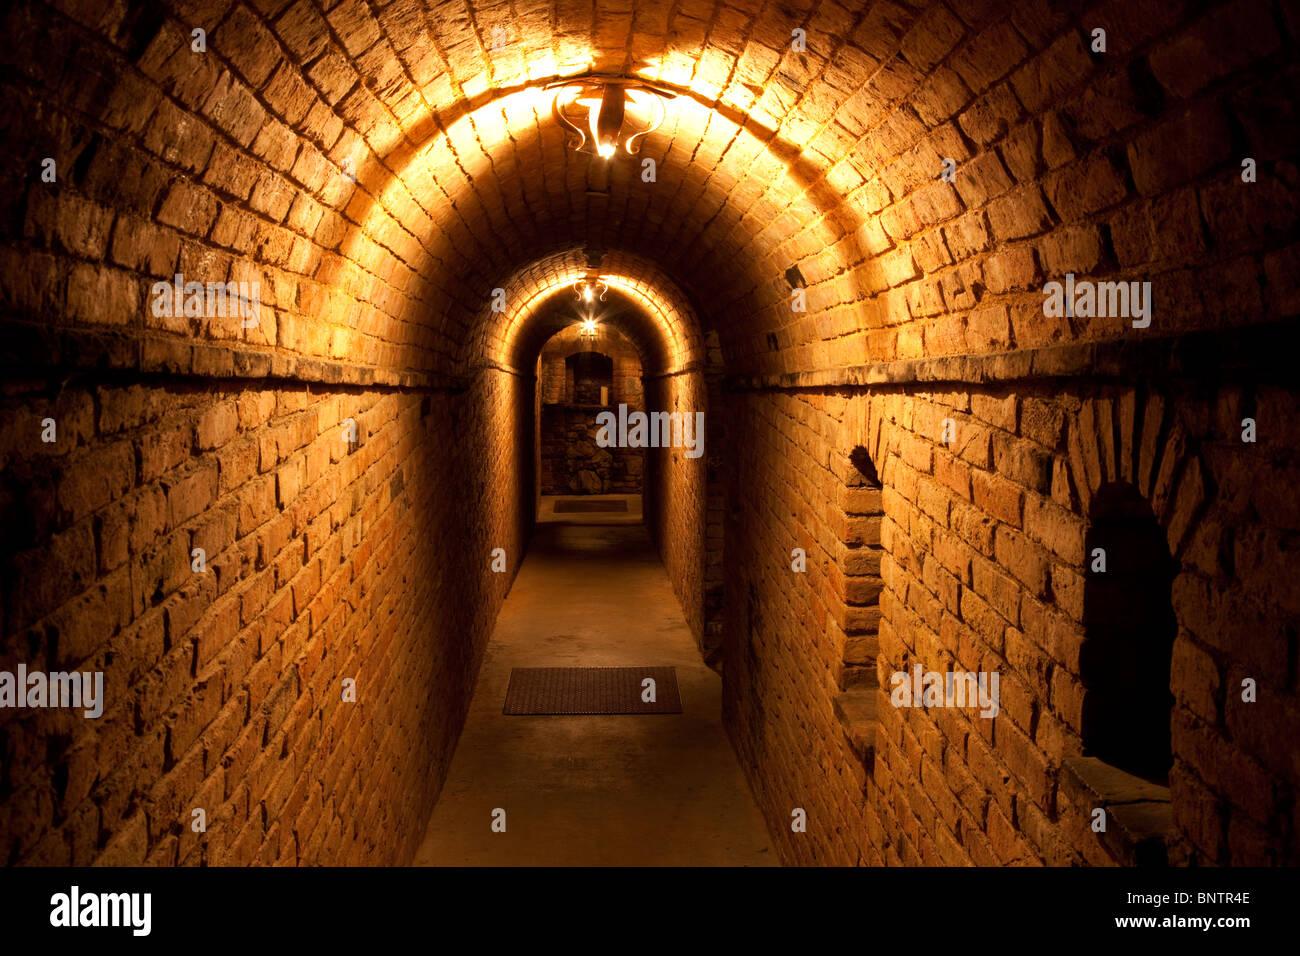 Dunklen Flur im Castello di Amorosa. Napa Valley, Kalifornien. Eigentum freigegeben Stockbild